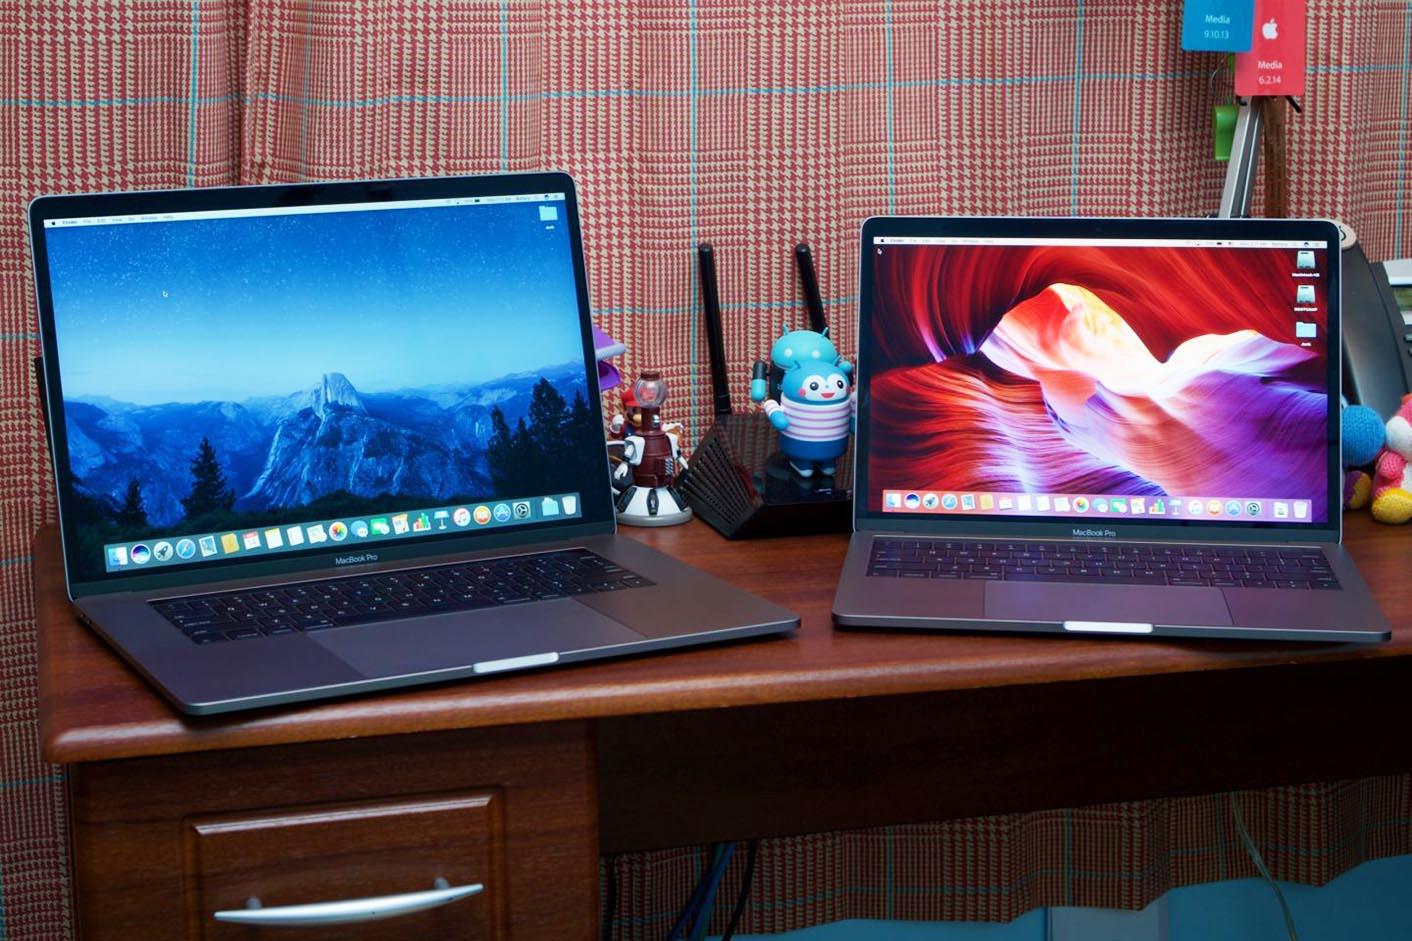 MacBook Pro 2016 design